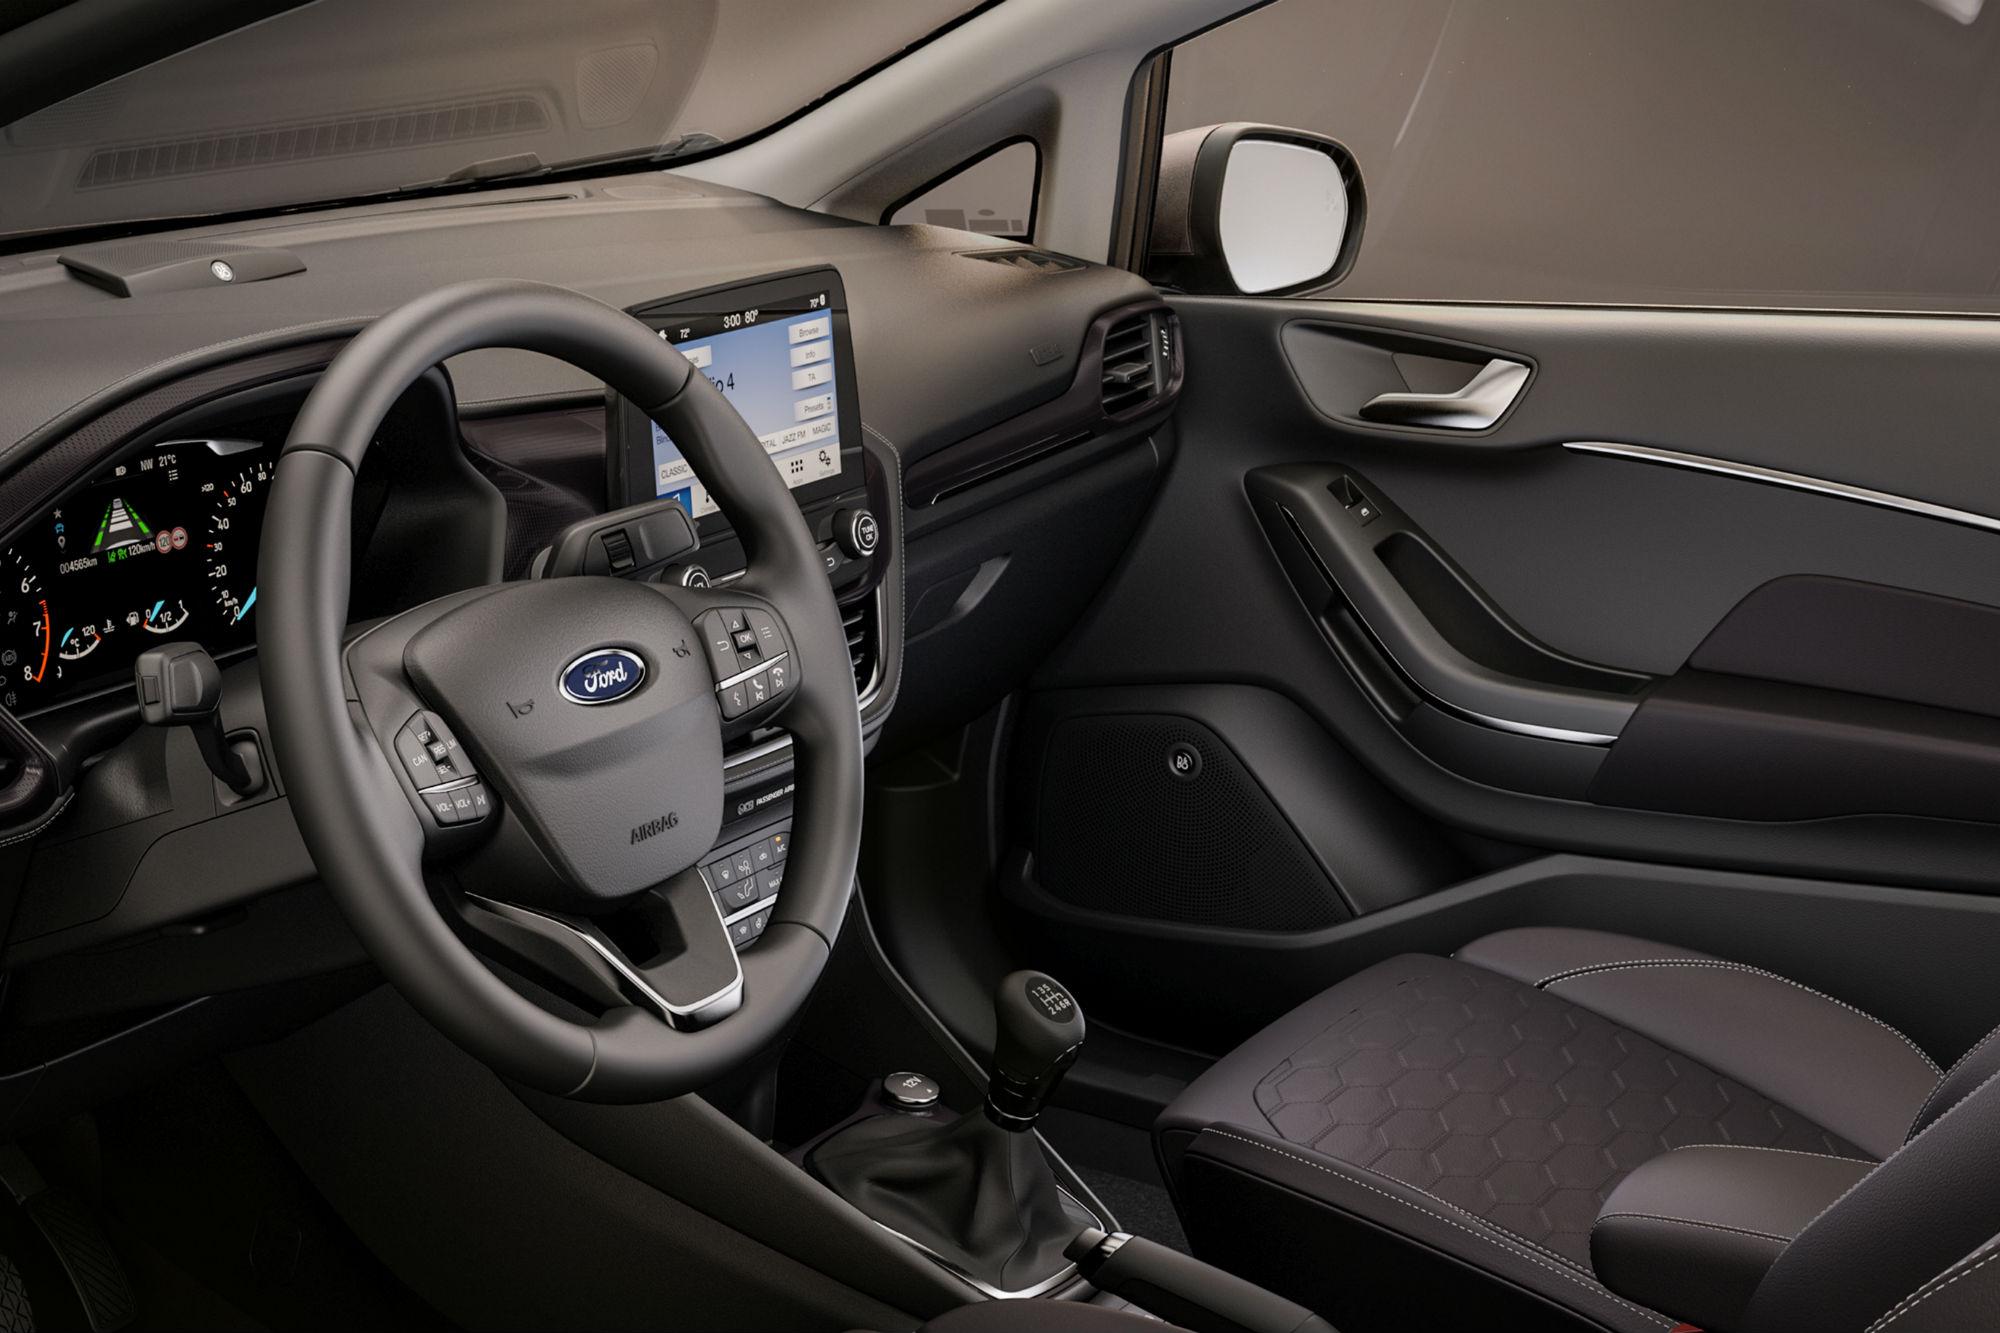 Ford Fiesta Zetec 1.0 EcoBoost 5-Door Hatchback 2017 ...